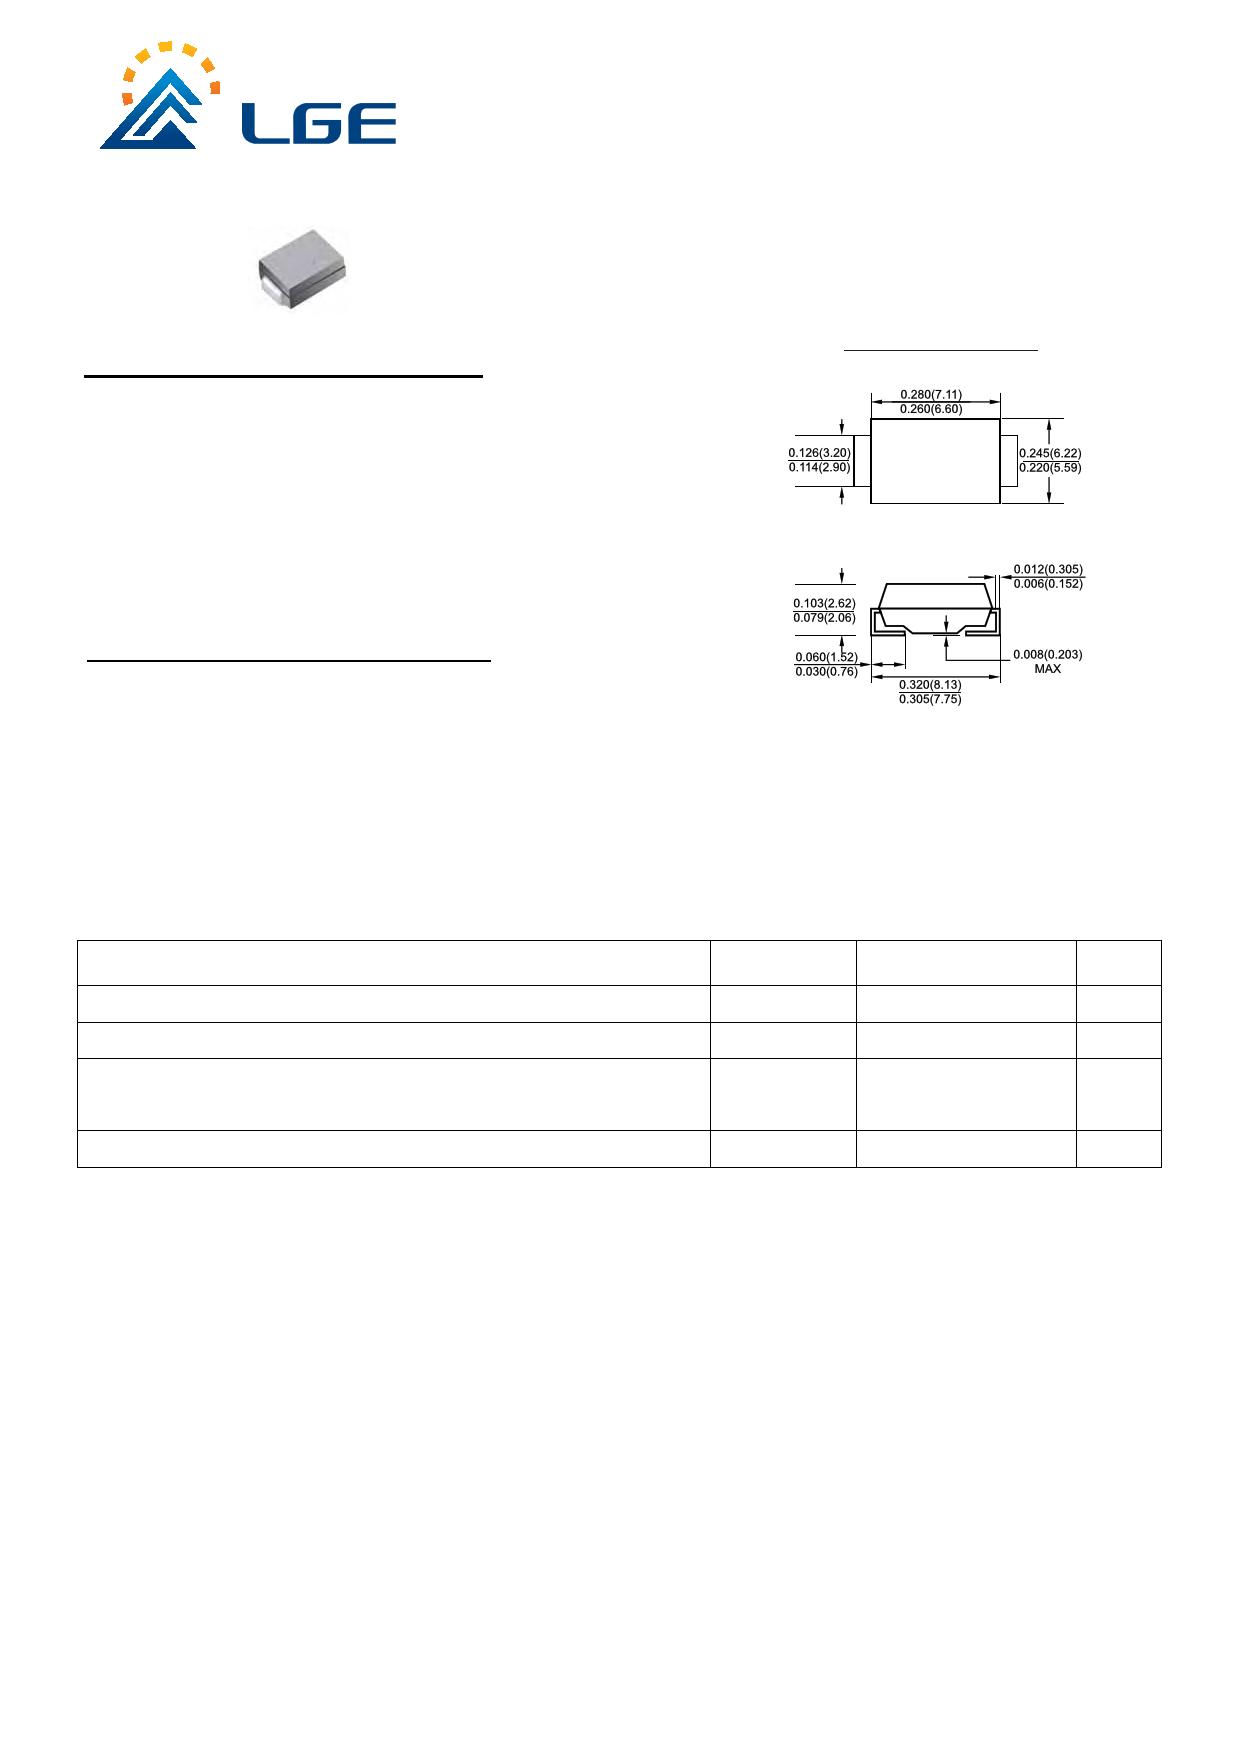 3.0SMCJ17C Datasheet, 3.0SMCJ17C PDF,ピン配置, 機能